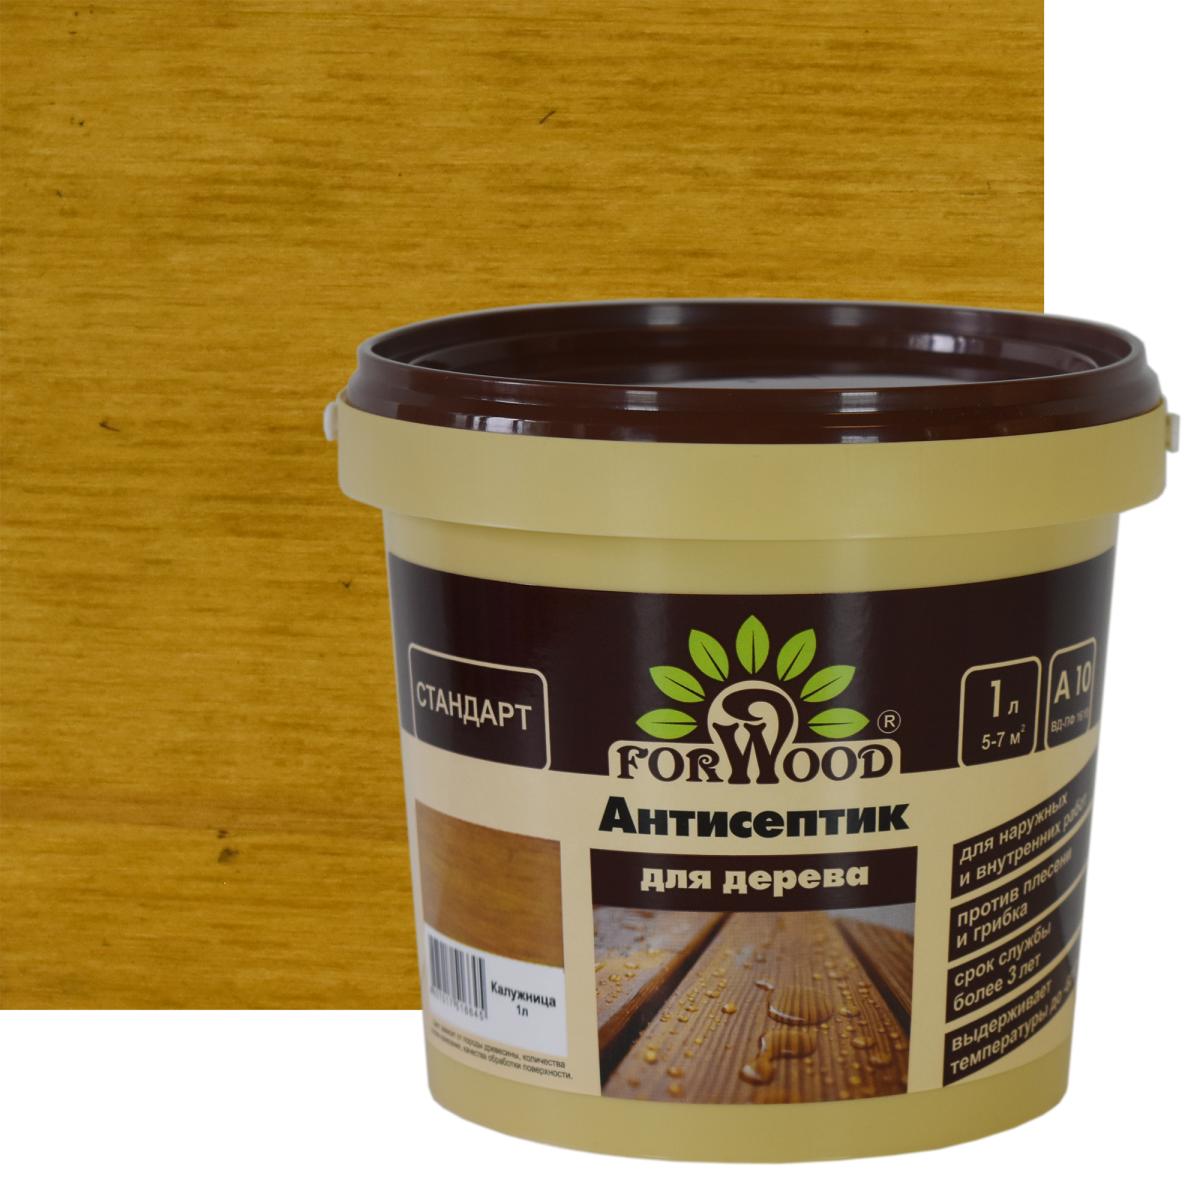 Антисептик Forwood цвет калужница 1 л